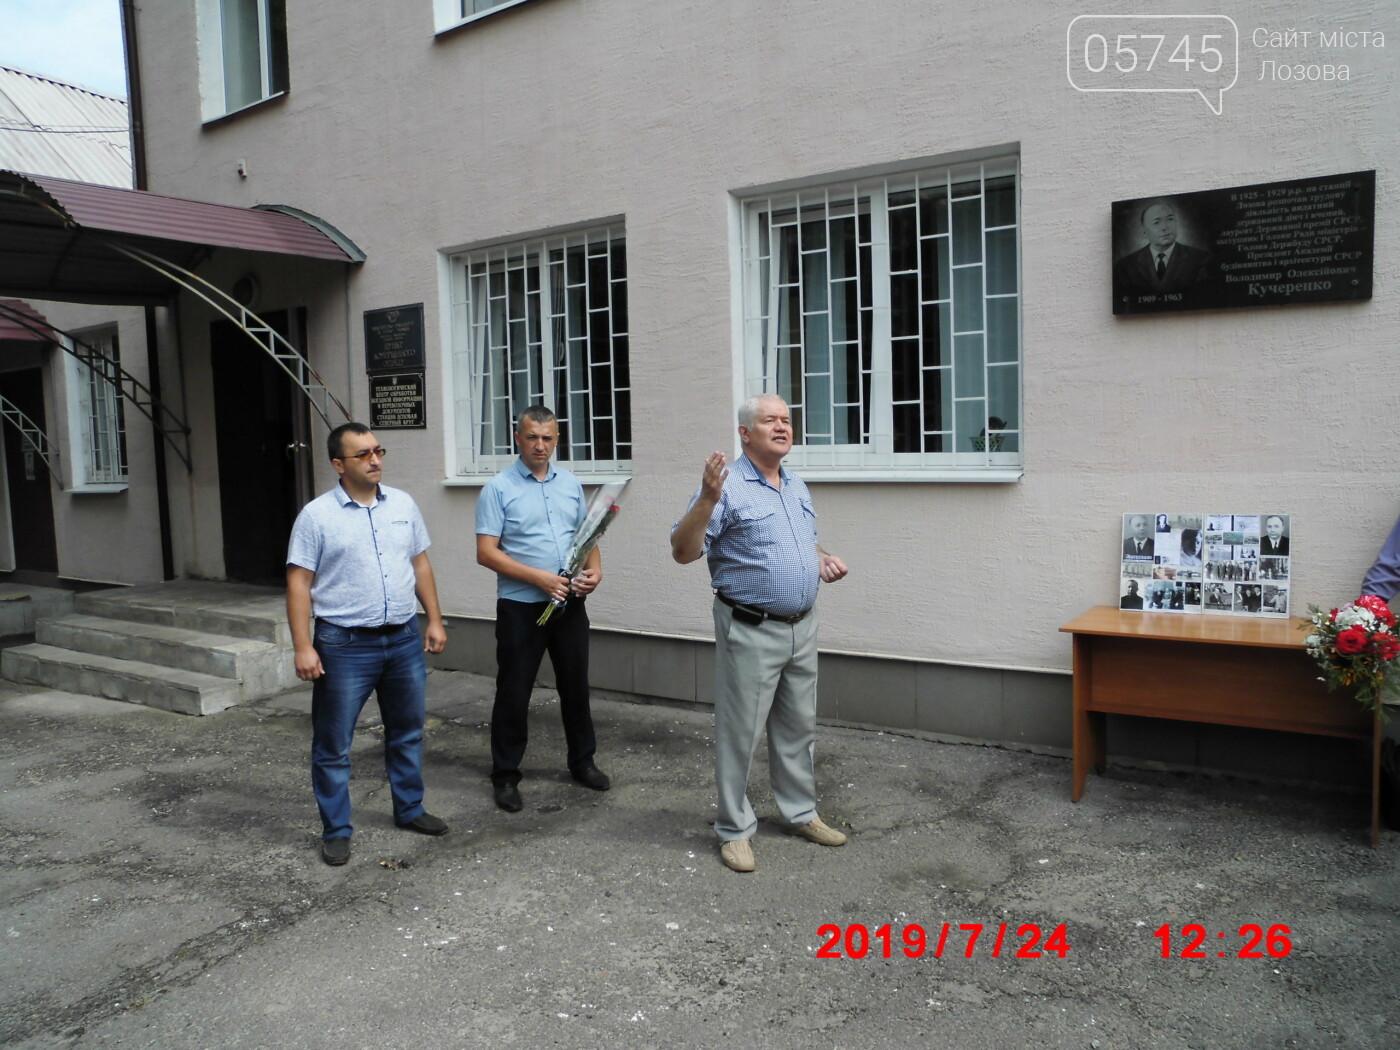 В Лозовой почтили память выдающегося государственного деятеля Владимира Кучеренко, фото-4